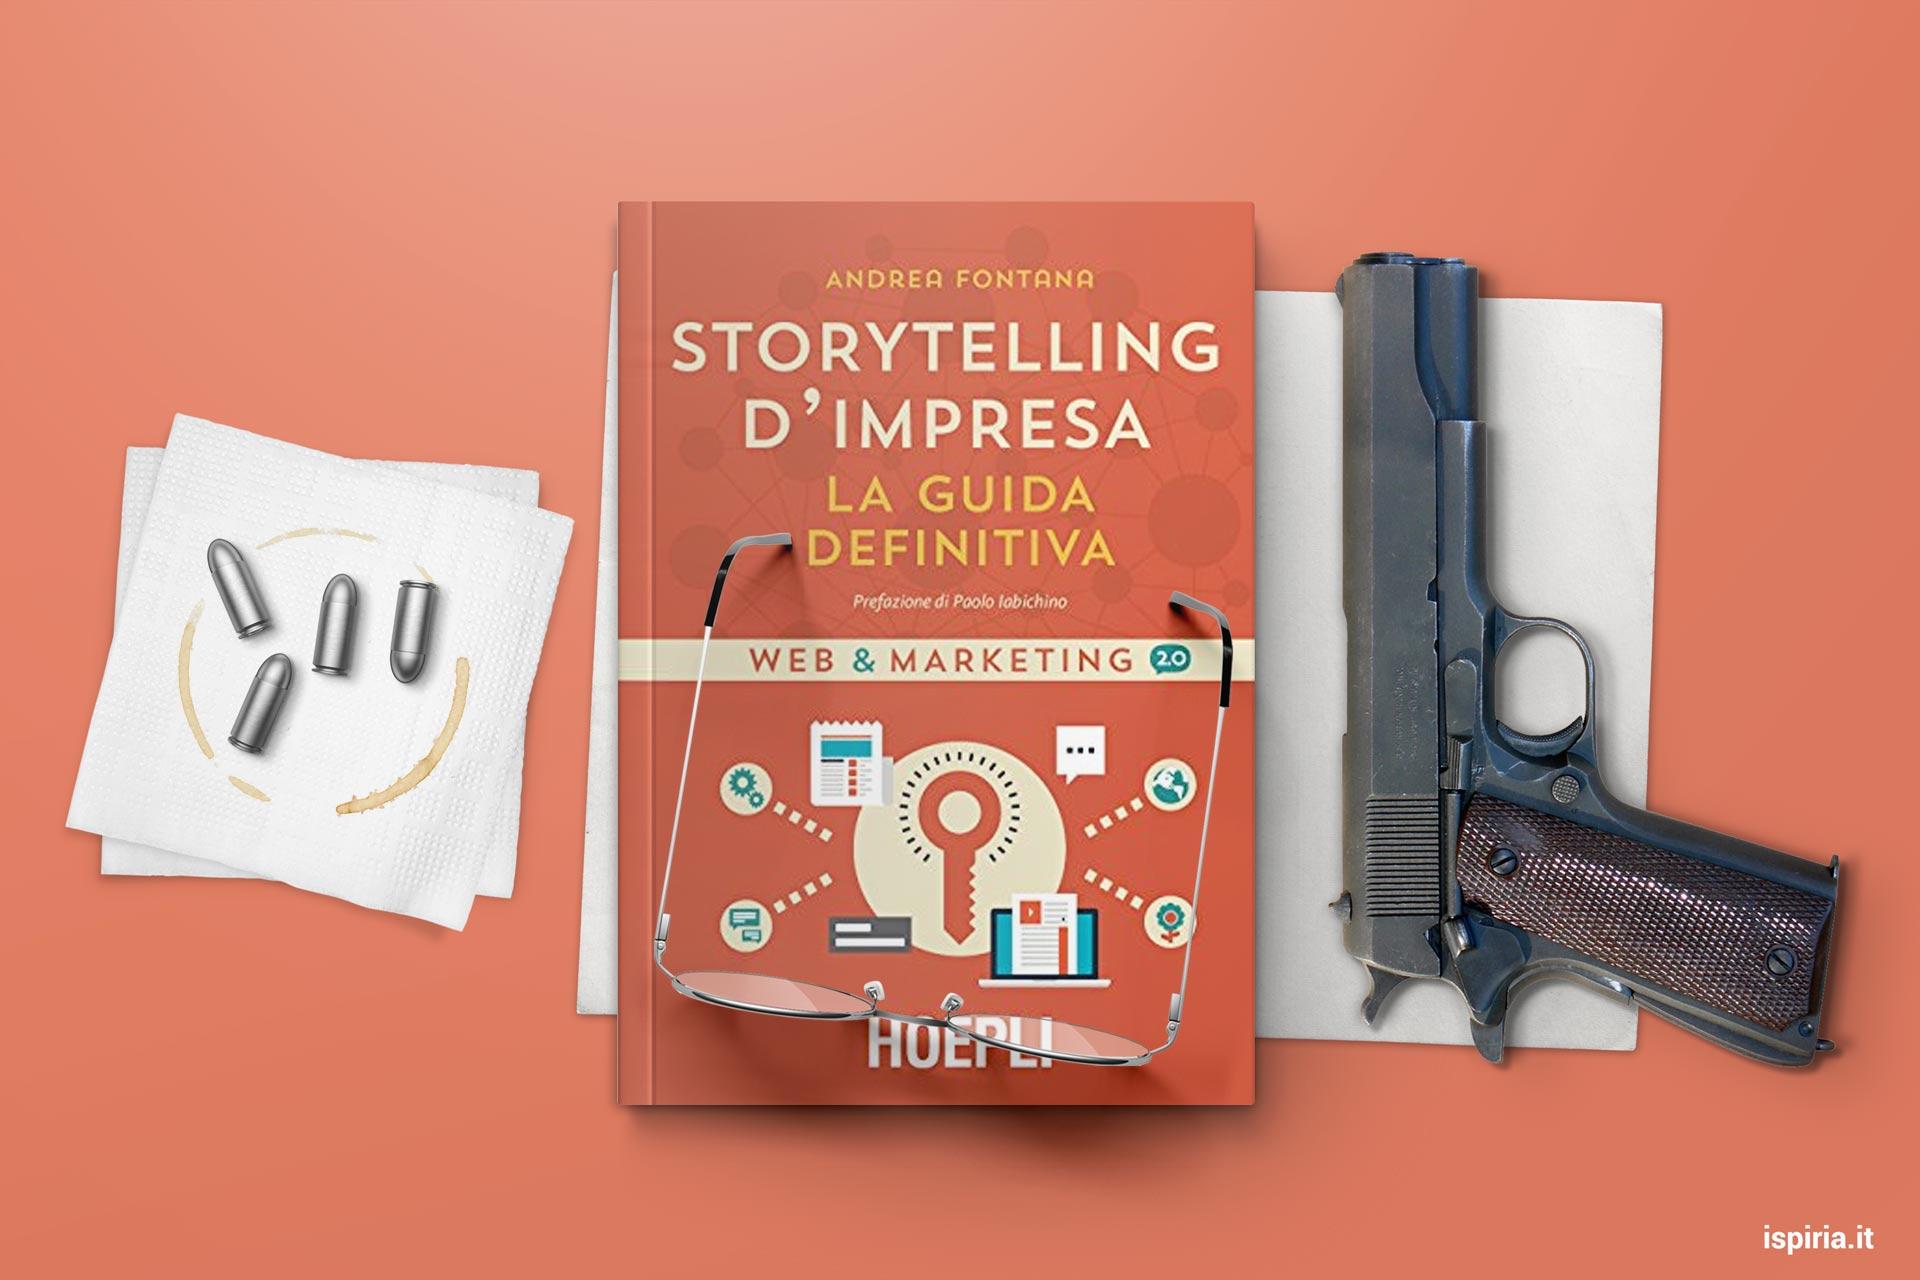 Migliori Libri Storytelling | Raccontare Storie Per Stravolgere Il Tuo Marketing | Inizia Da Questo Libro!